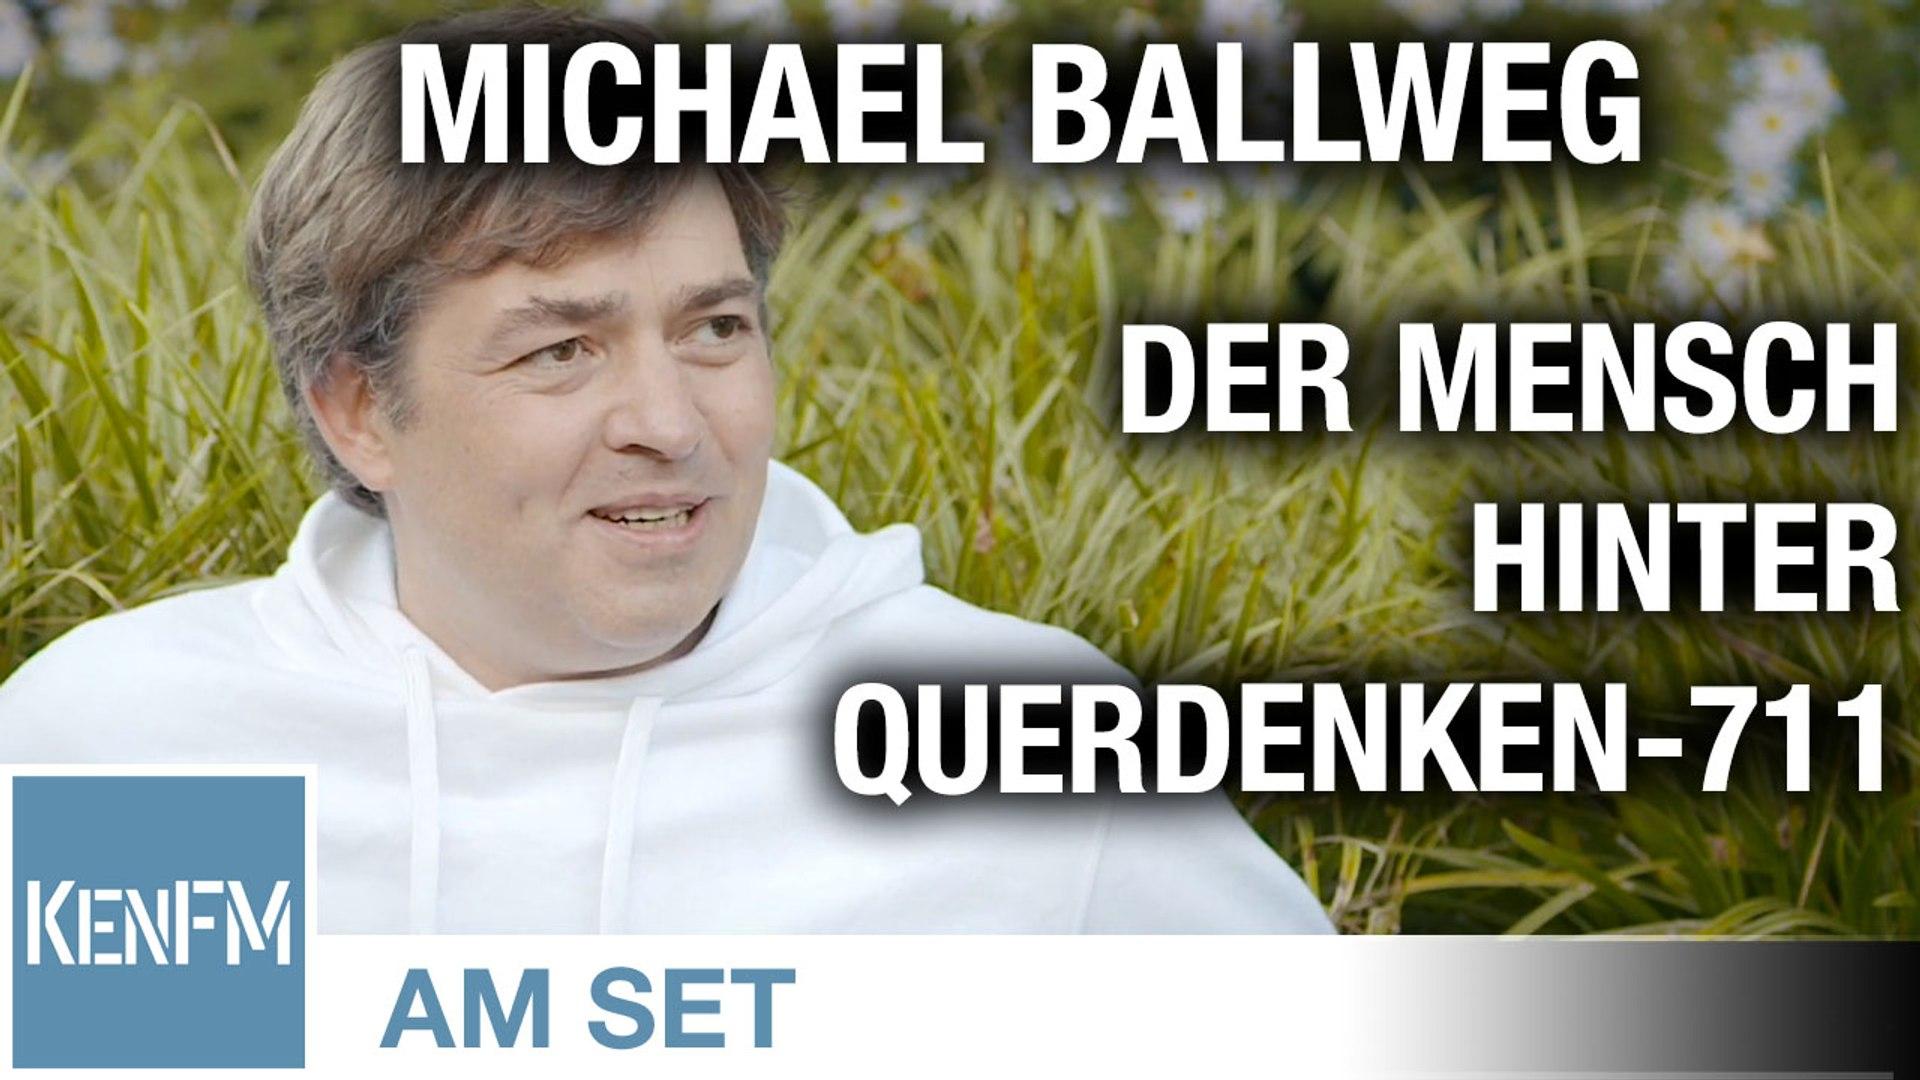 KenFM am Set: Michael Ballweg – Der Mensch hinter Querdenken-711